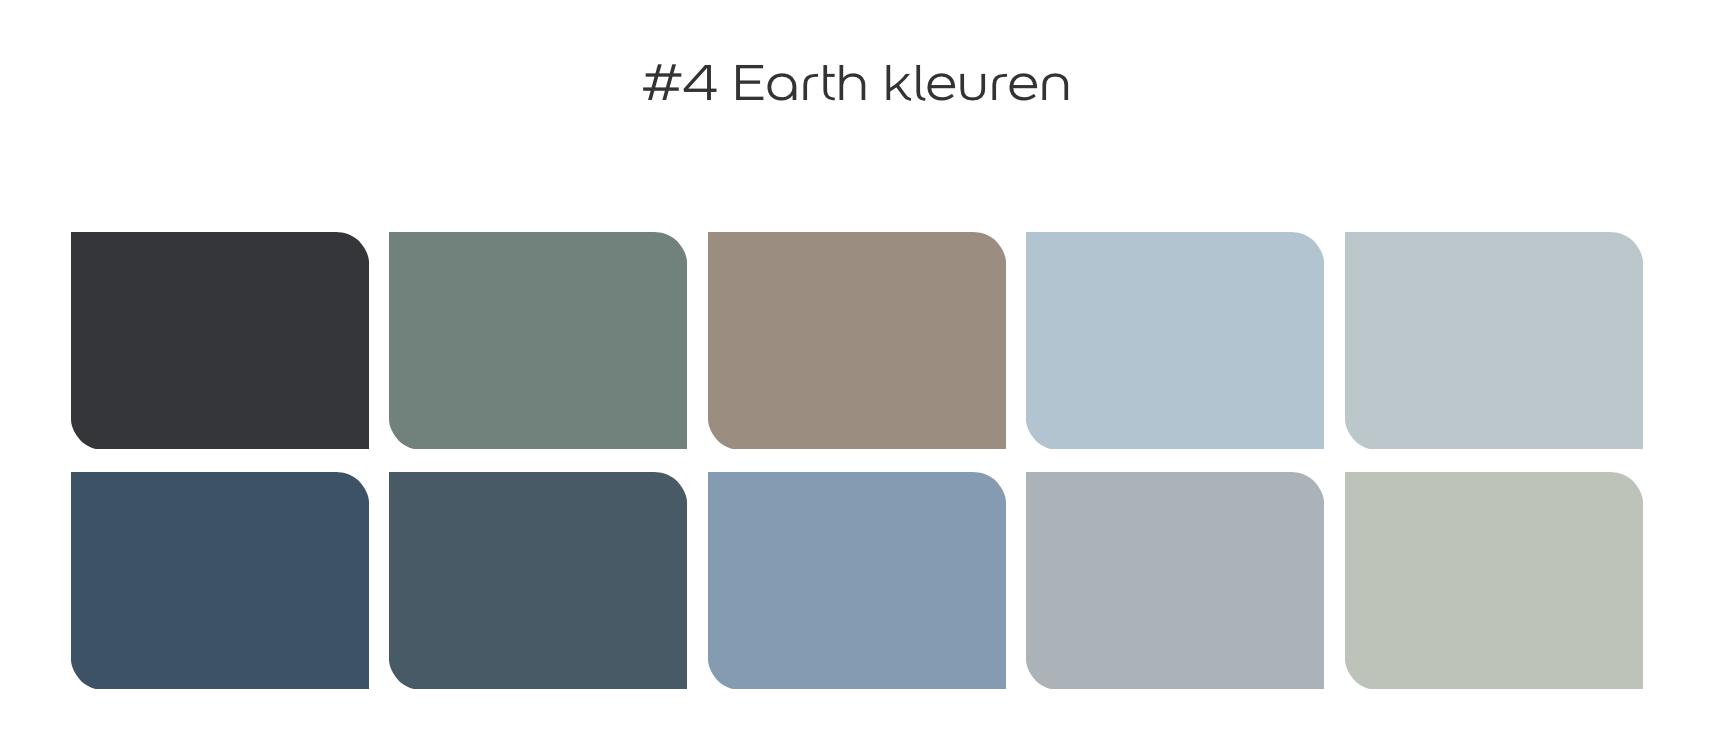 ensuus-brave-ground-alles-over-flexa-kleur-van-het-jaar-2021